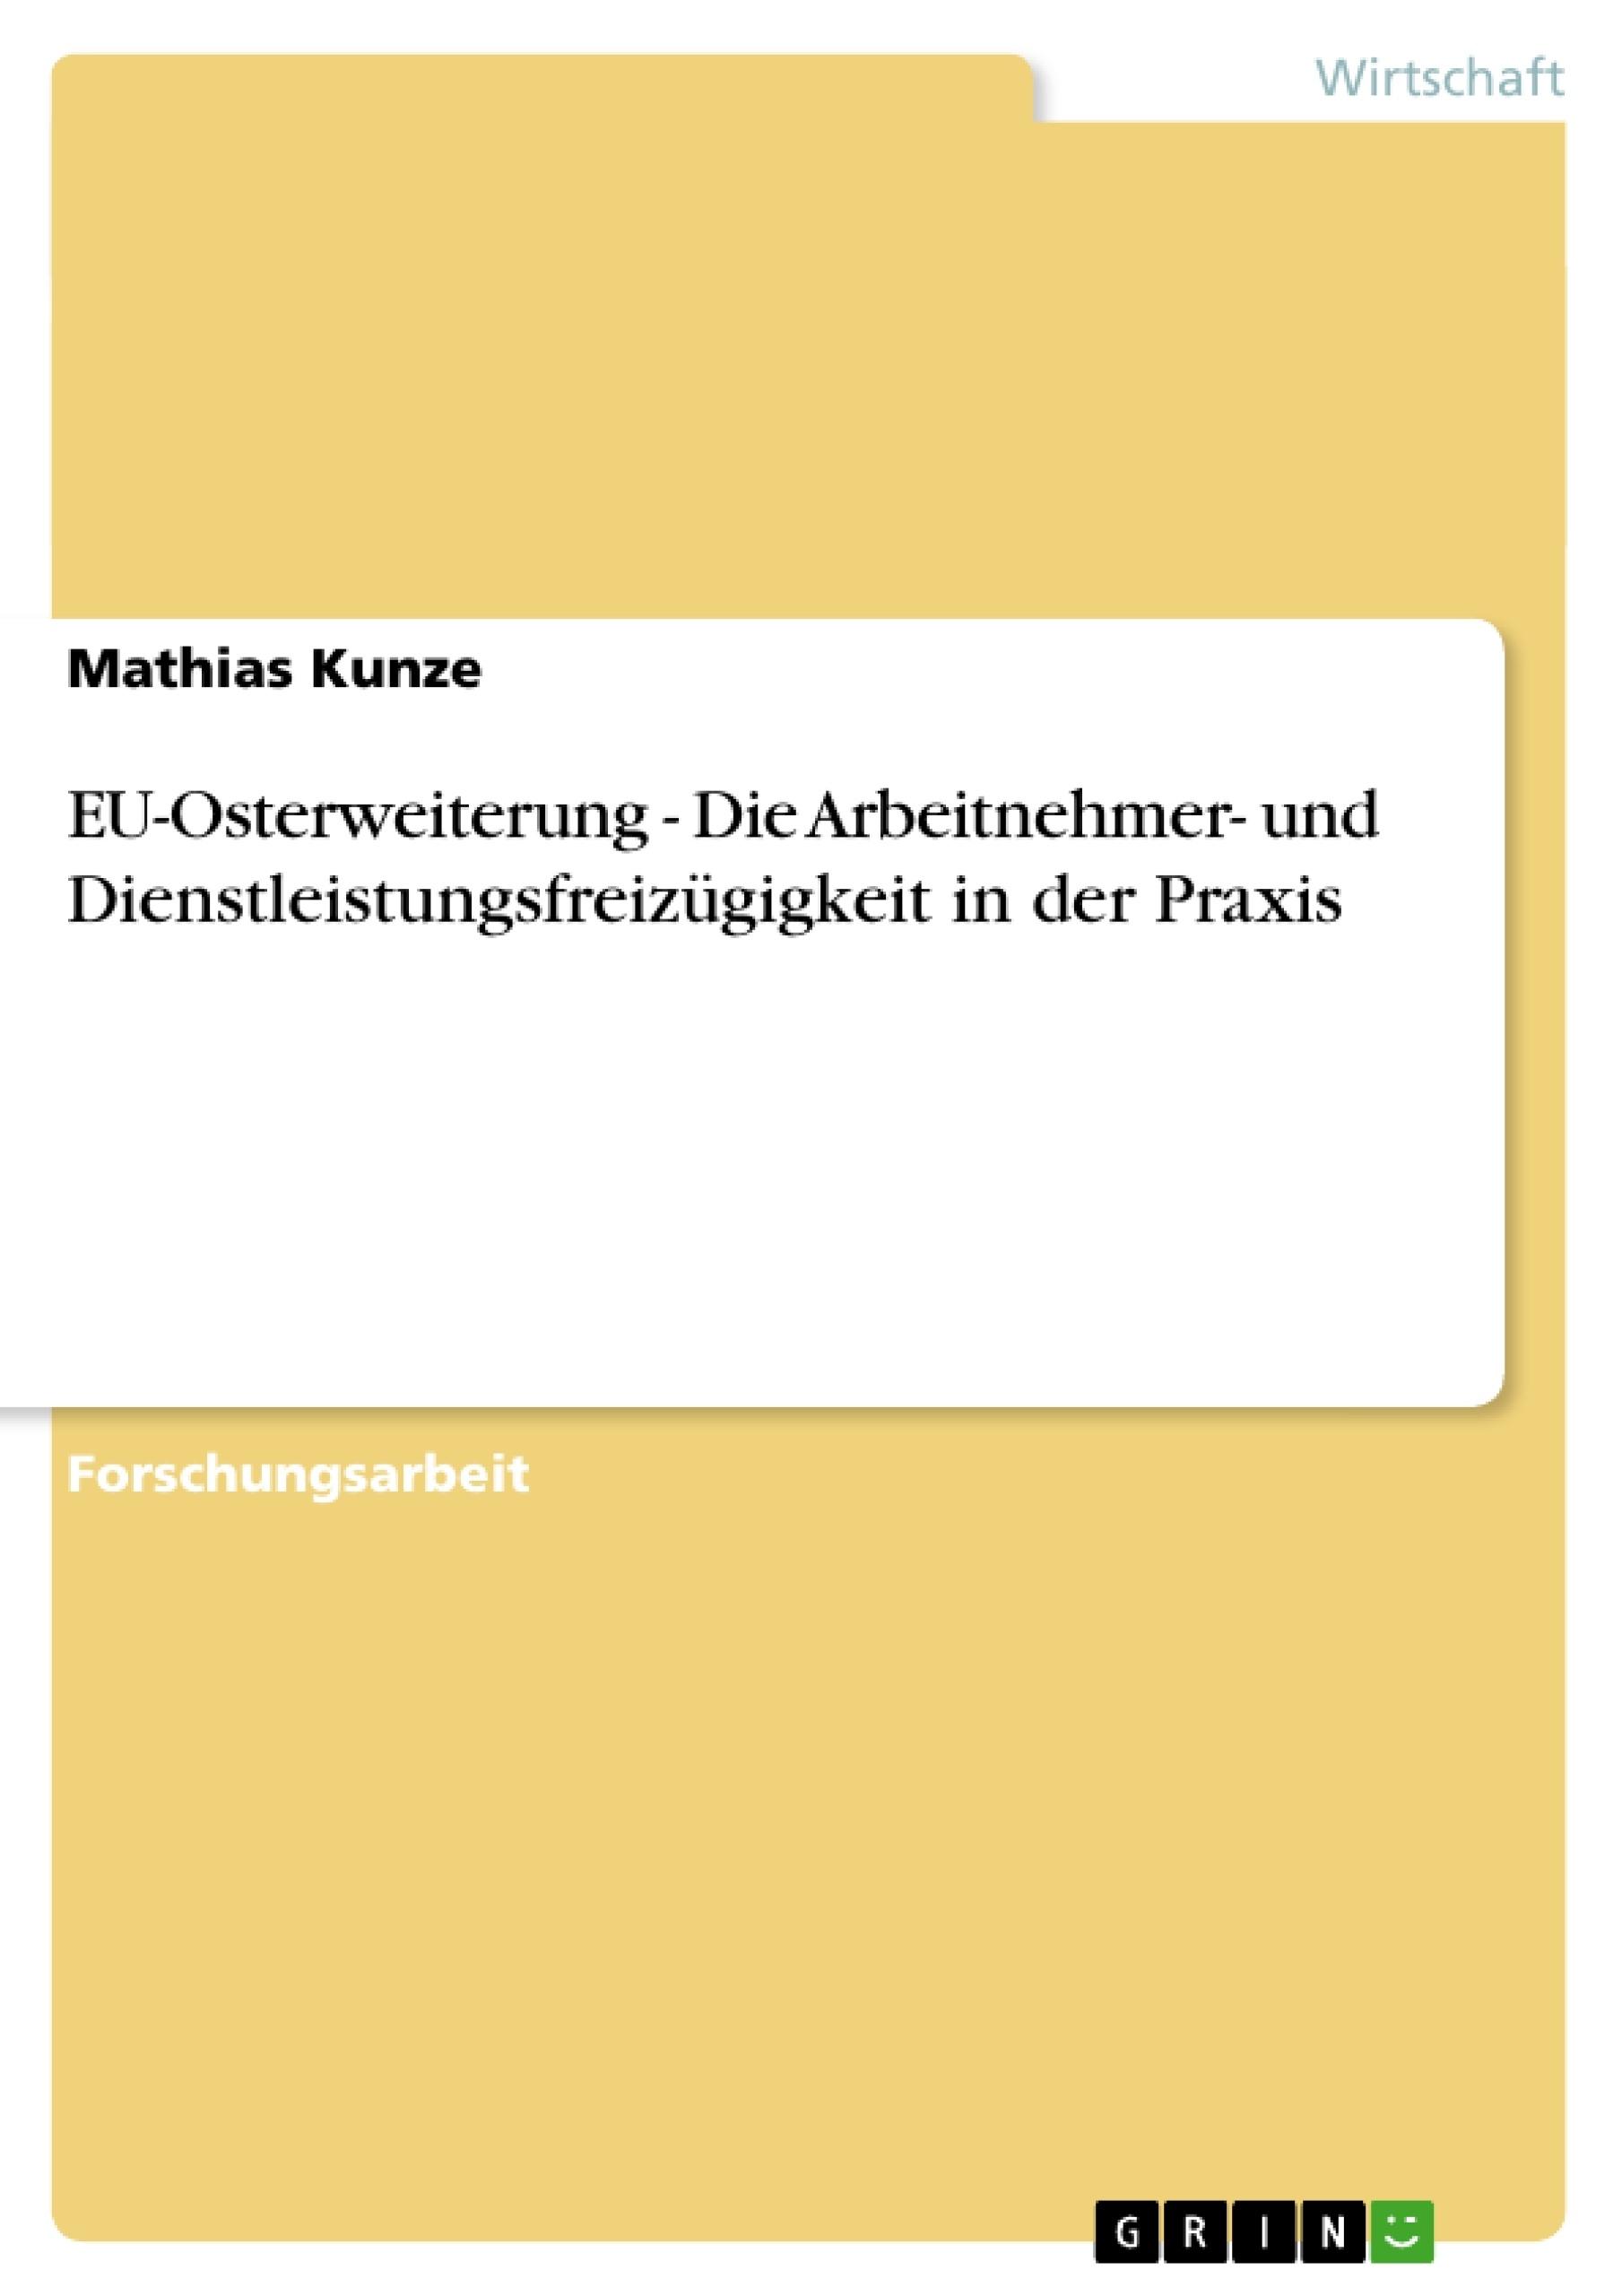 Titel: EU-Osterweiterung - Die Arbeitnehmer- und Dienstleistungsfreizügigkeit in der Praxis